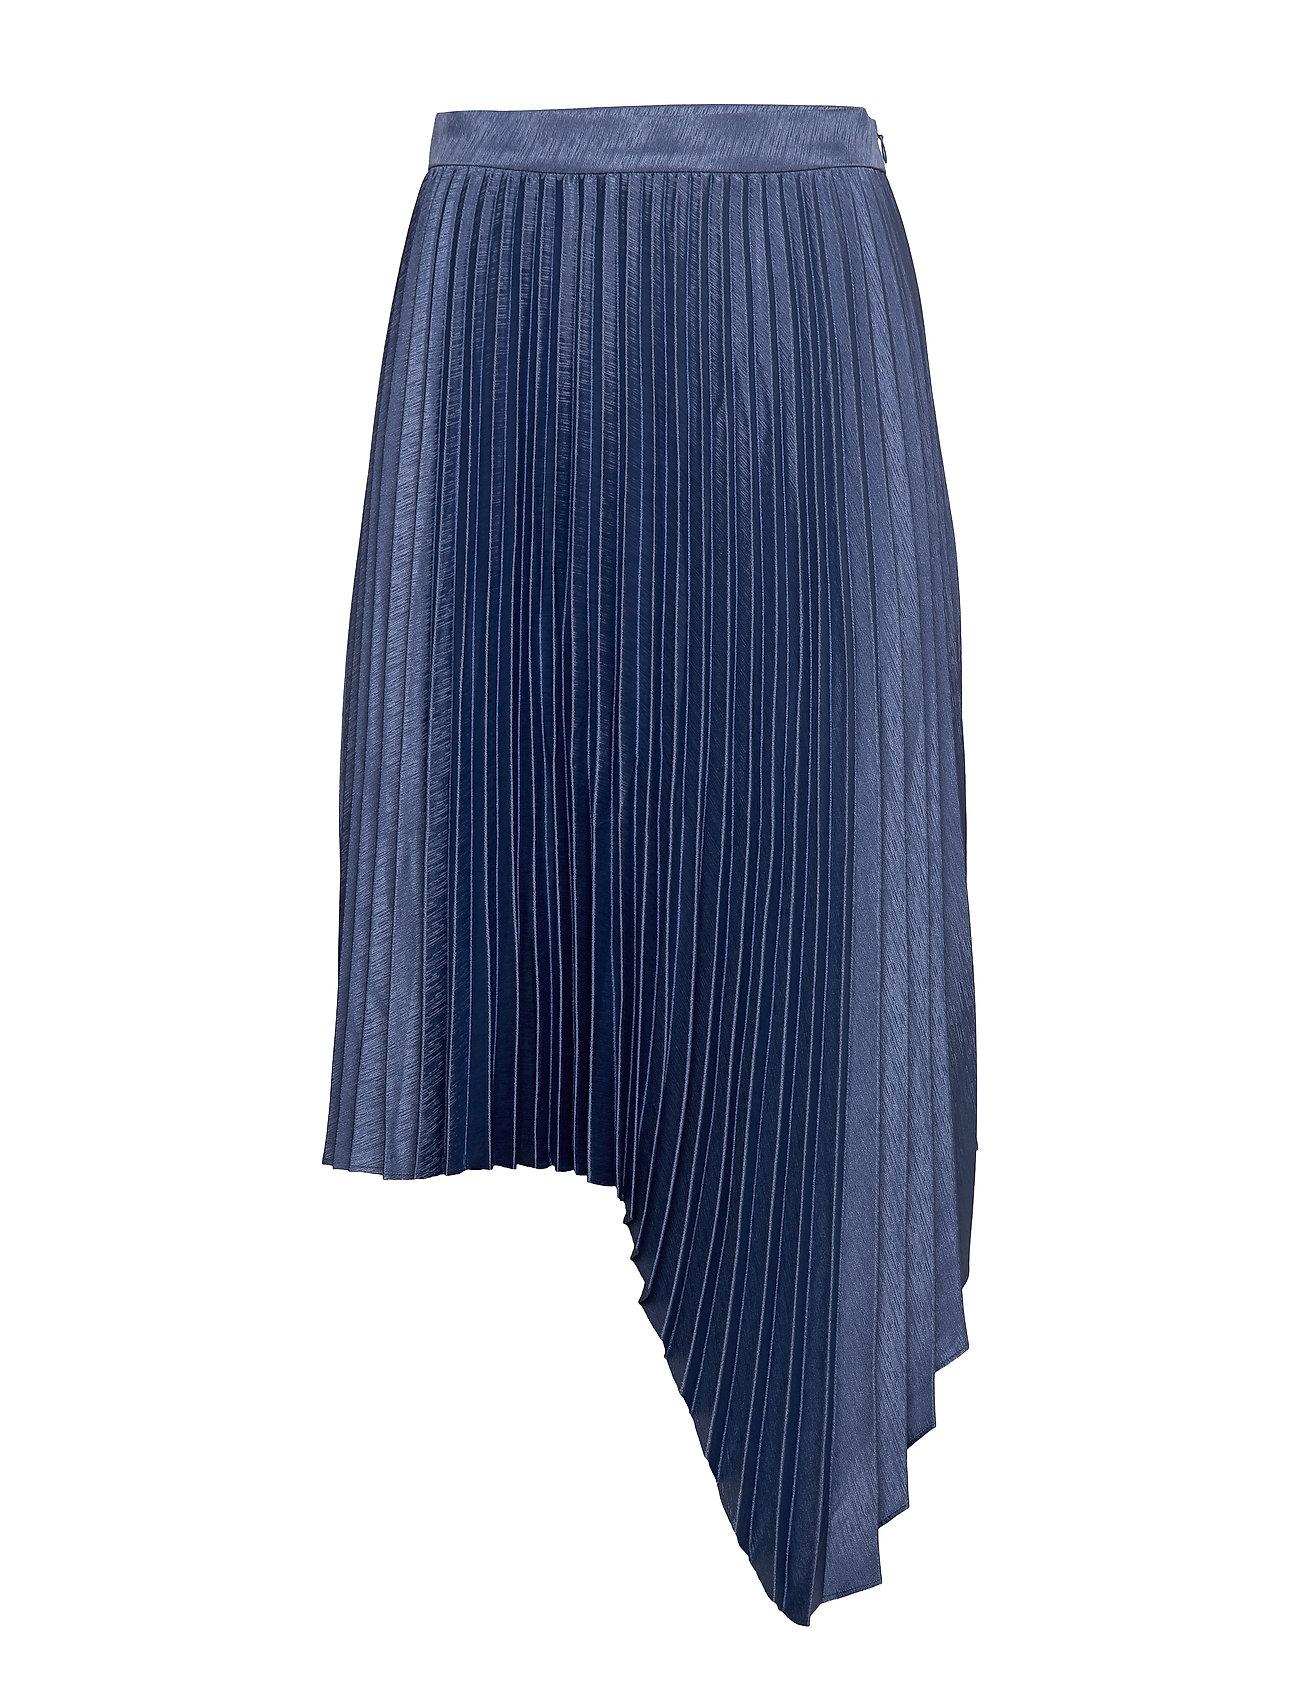 Image of Pleated Long Skirt Knælang Nederdel Blå MAUD (3360910161)